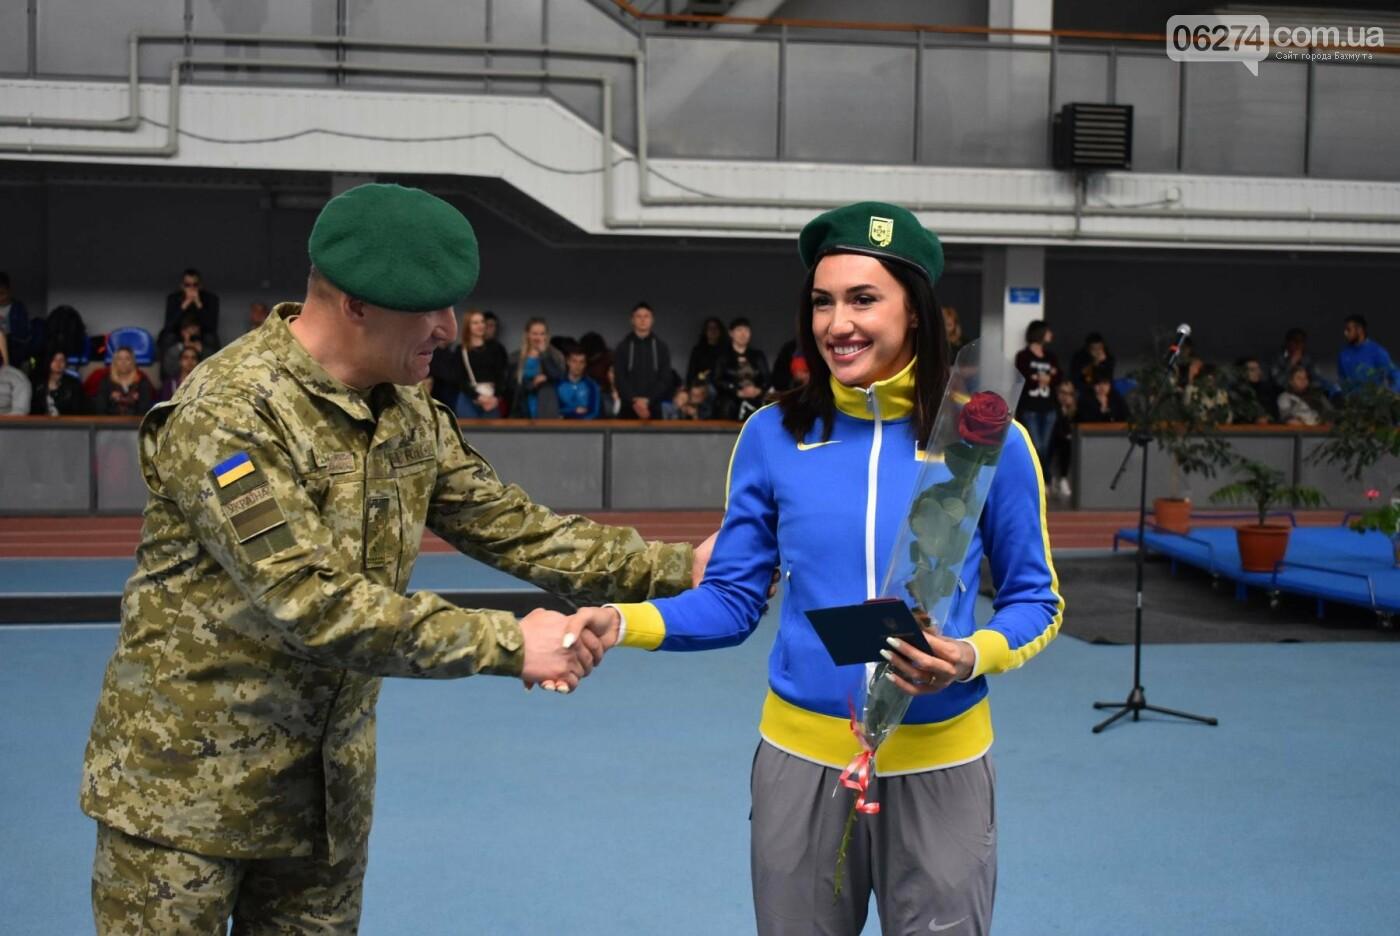 В Бахмуте презентовали спортсменов-олимпийцев Государственной пограничной службы Украины, фото-10